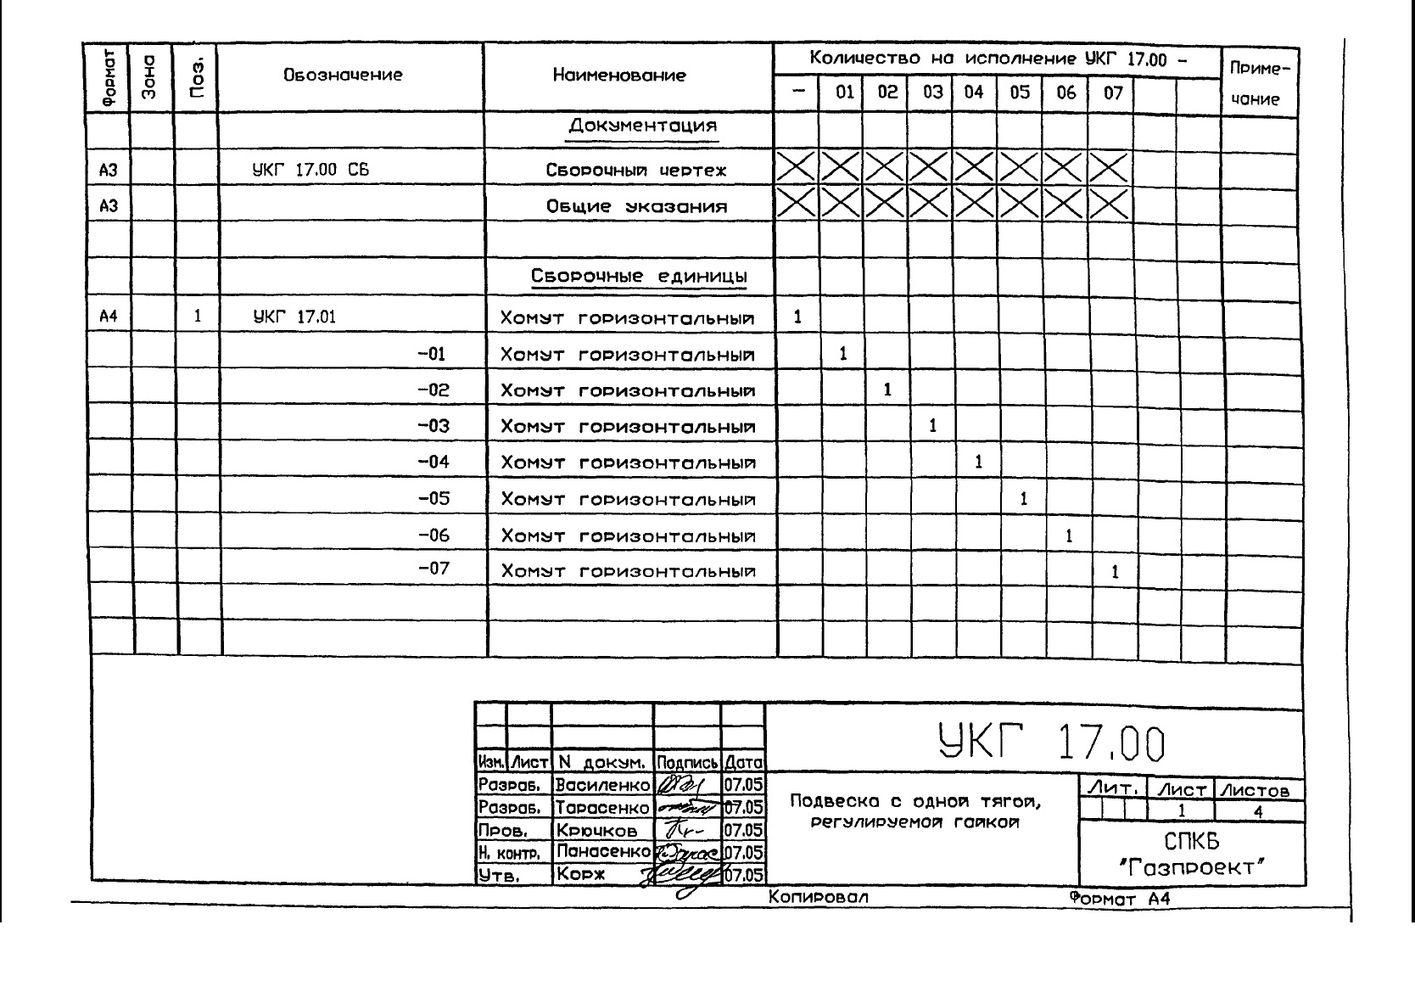 Подвеска с одной тягой, регулируемой гайкой УКГ 17.00 СБ серия 5.905-18.05 выпуск 1 стр.2